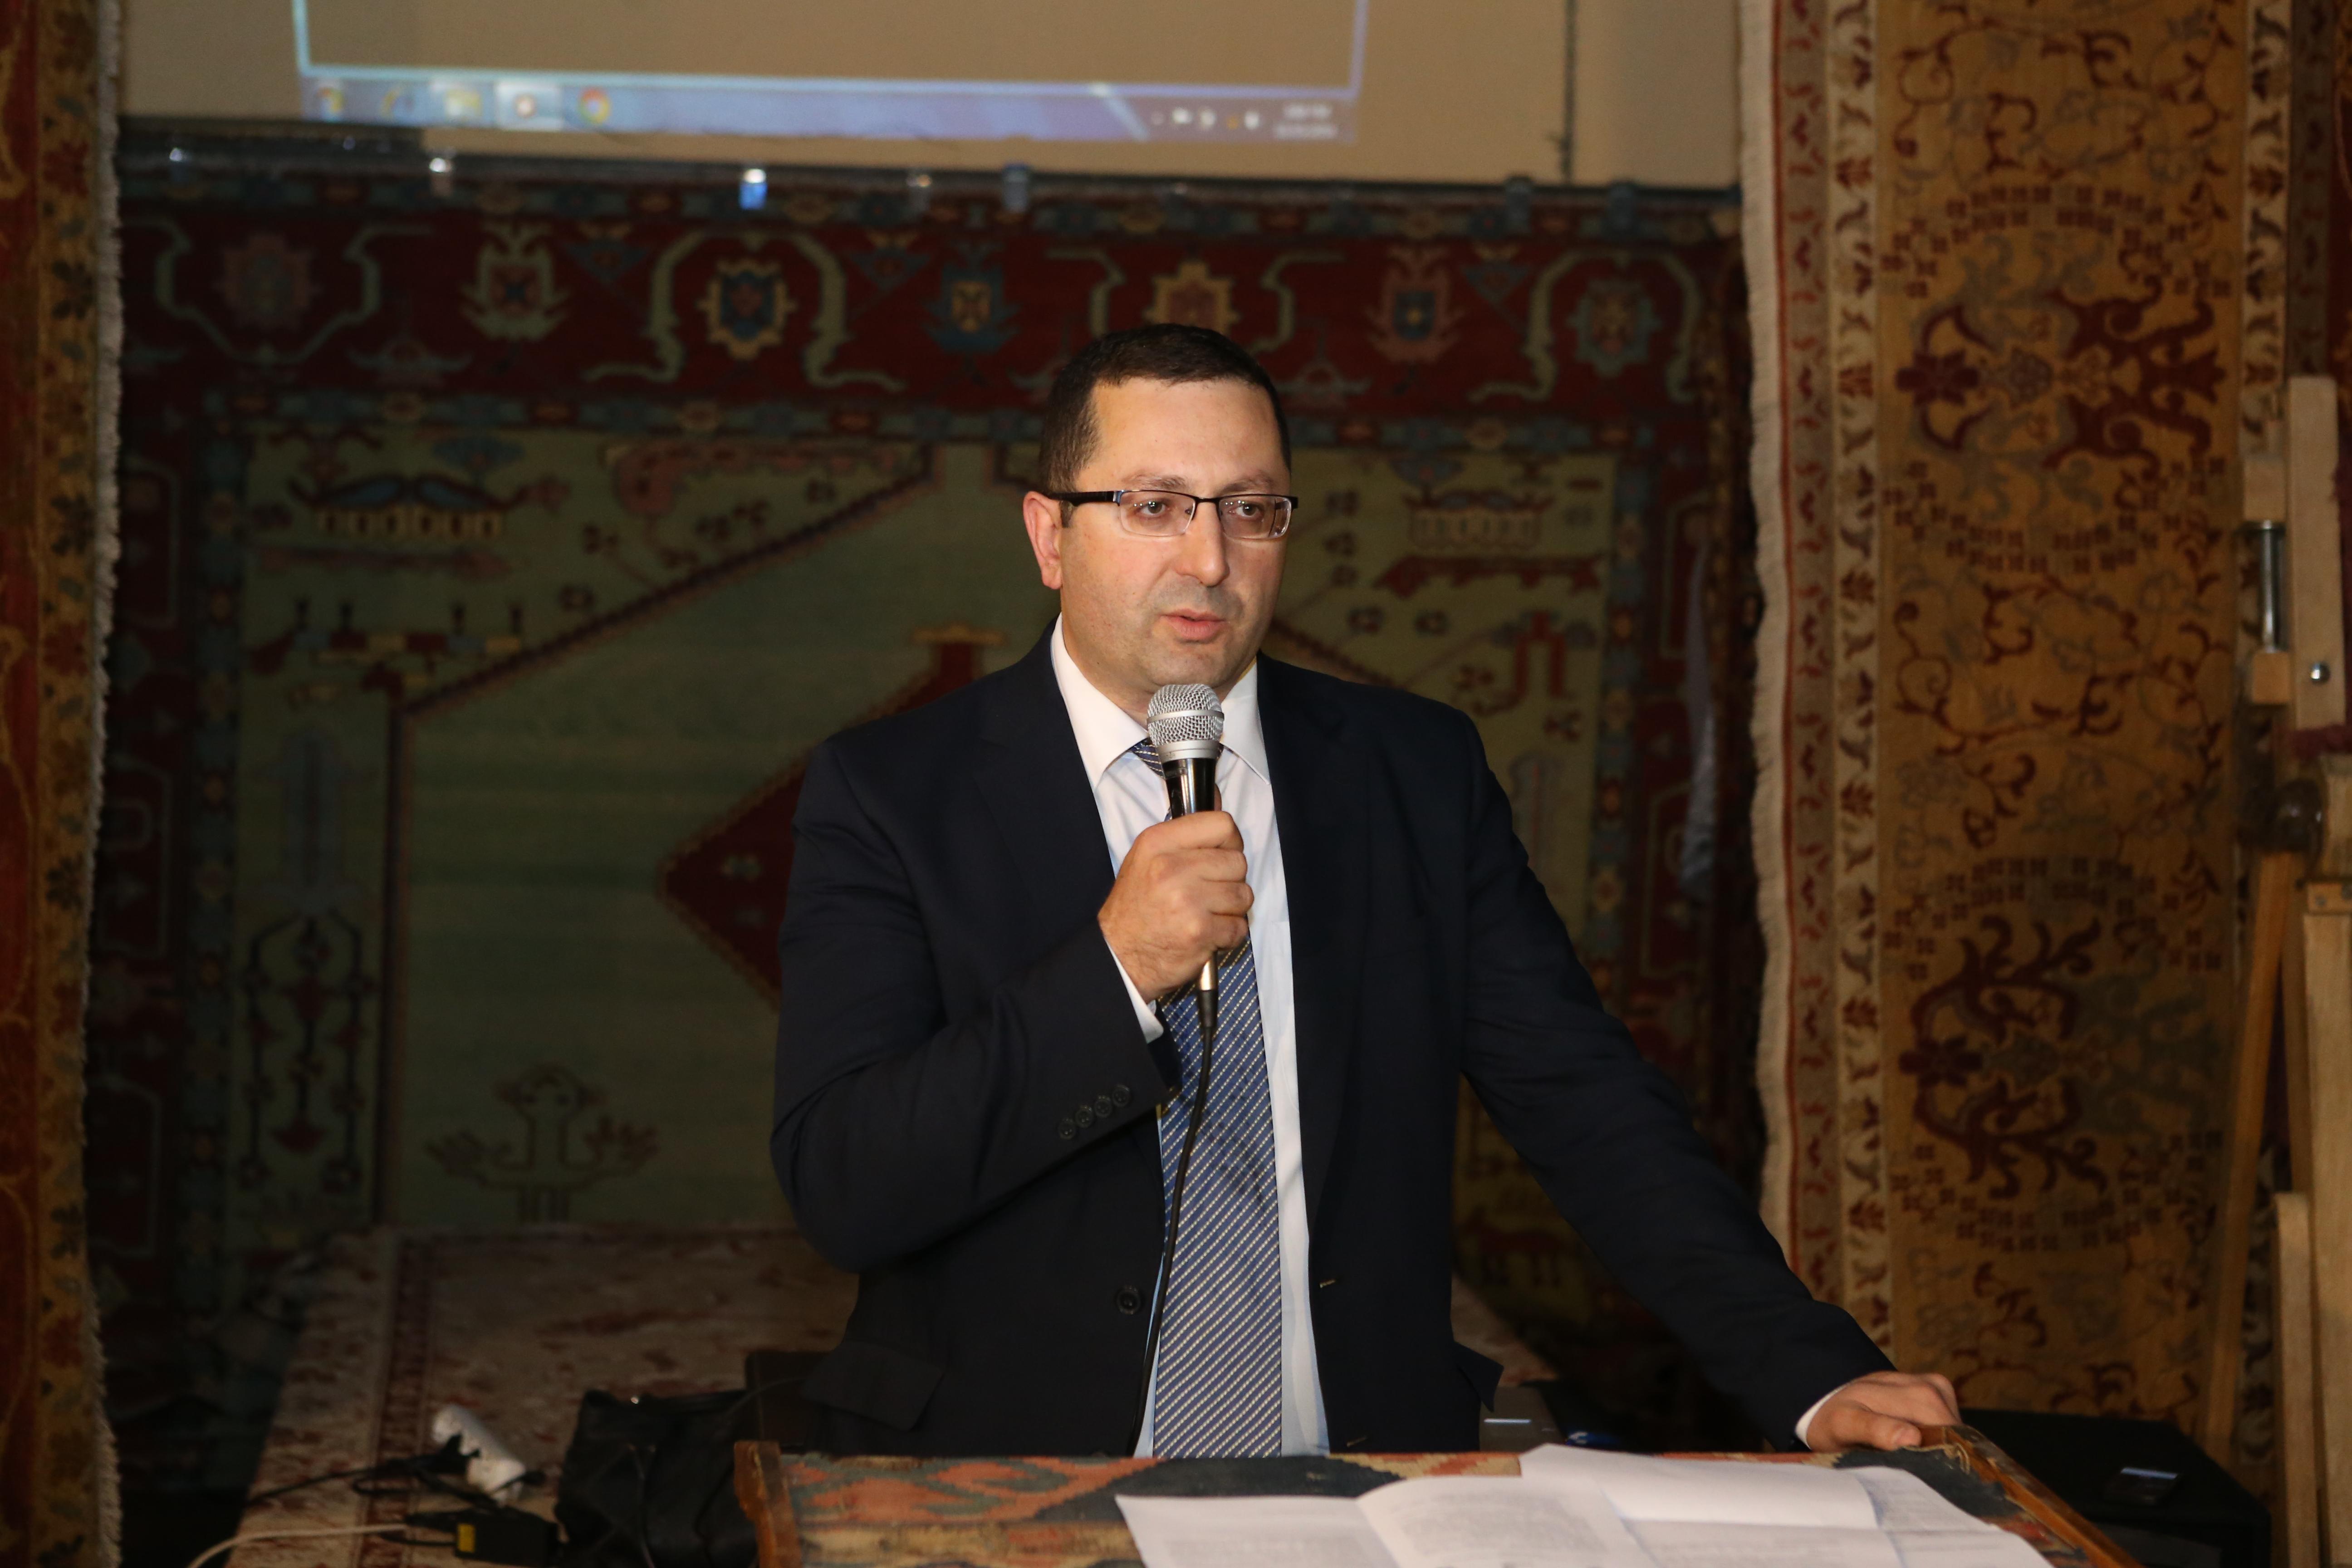 Մեկնարկել է «Հայաստանի հմտություններ» ազգային մրցույթի եզրափակիչ փուլը